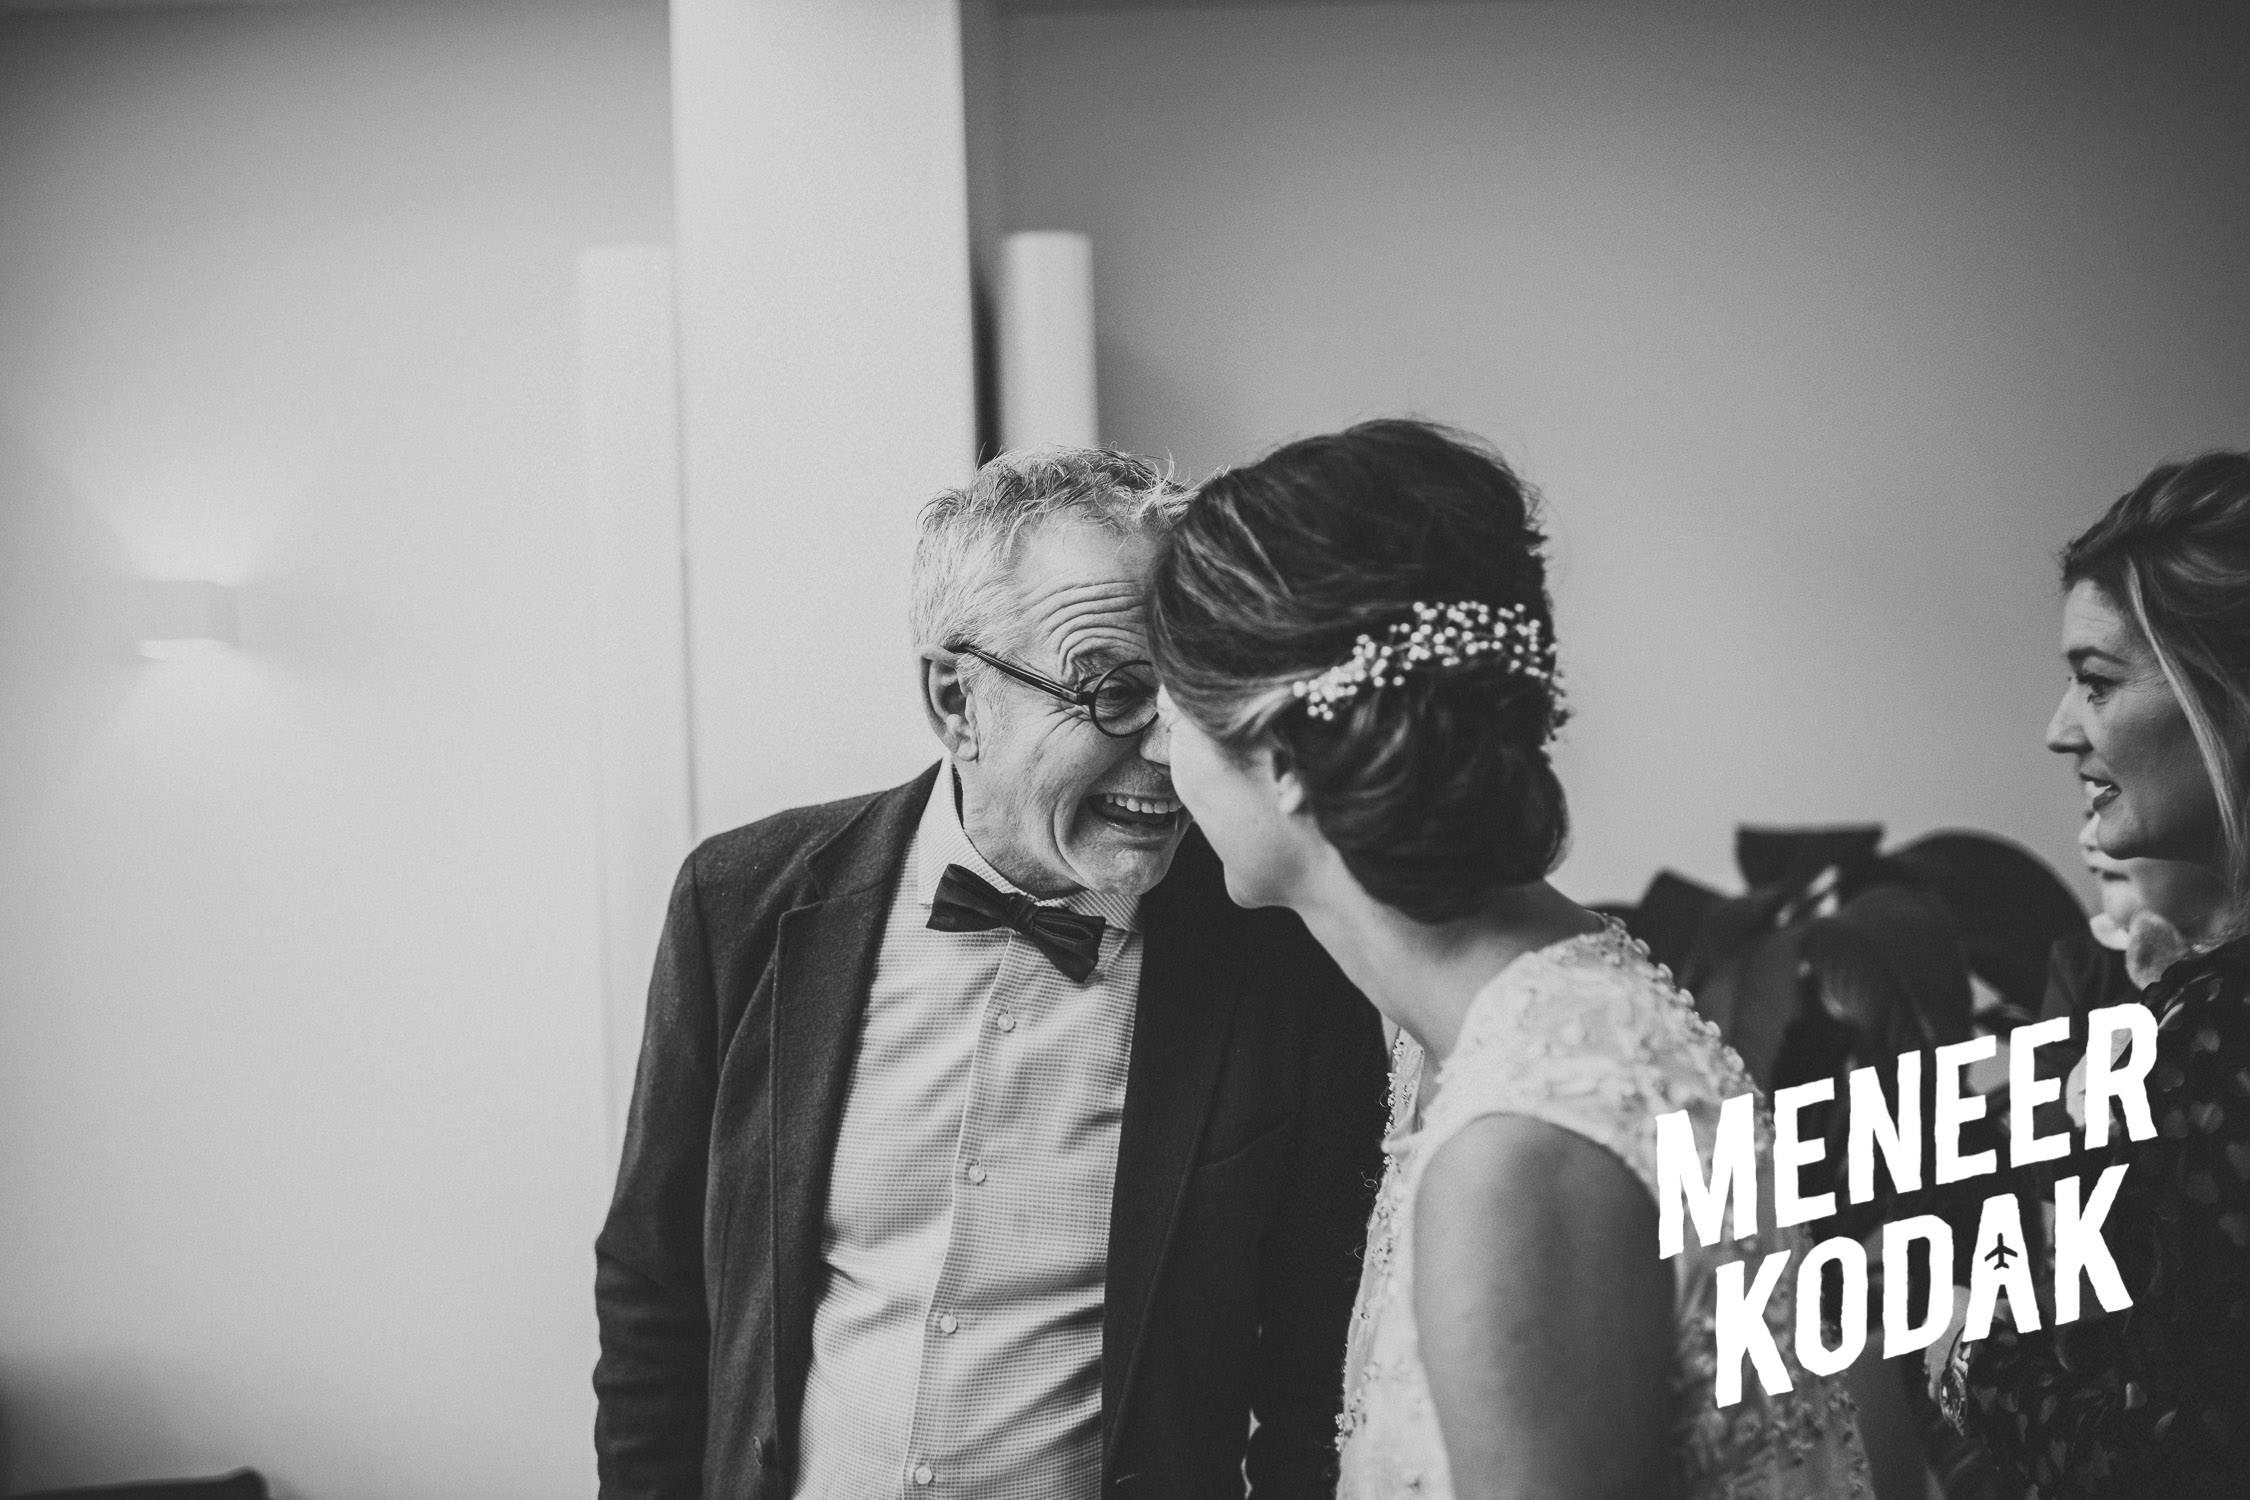 Meneer Kodak - Bruidsfotograaf - Breda - S&R-062.jpg